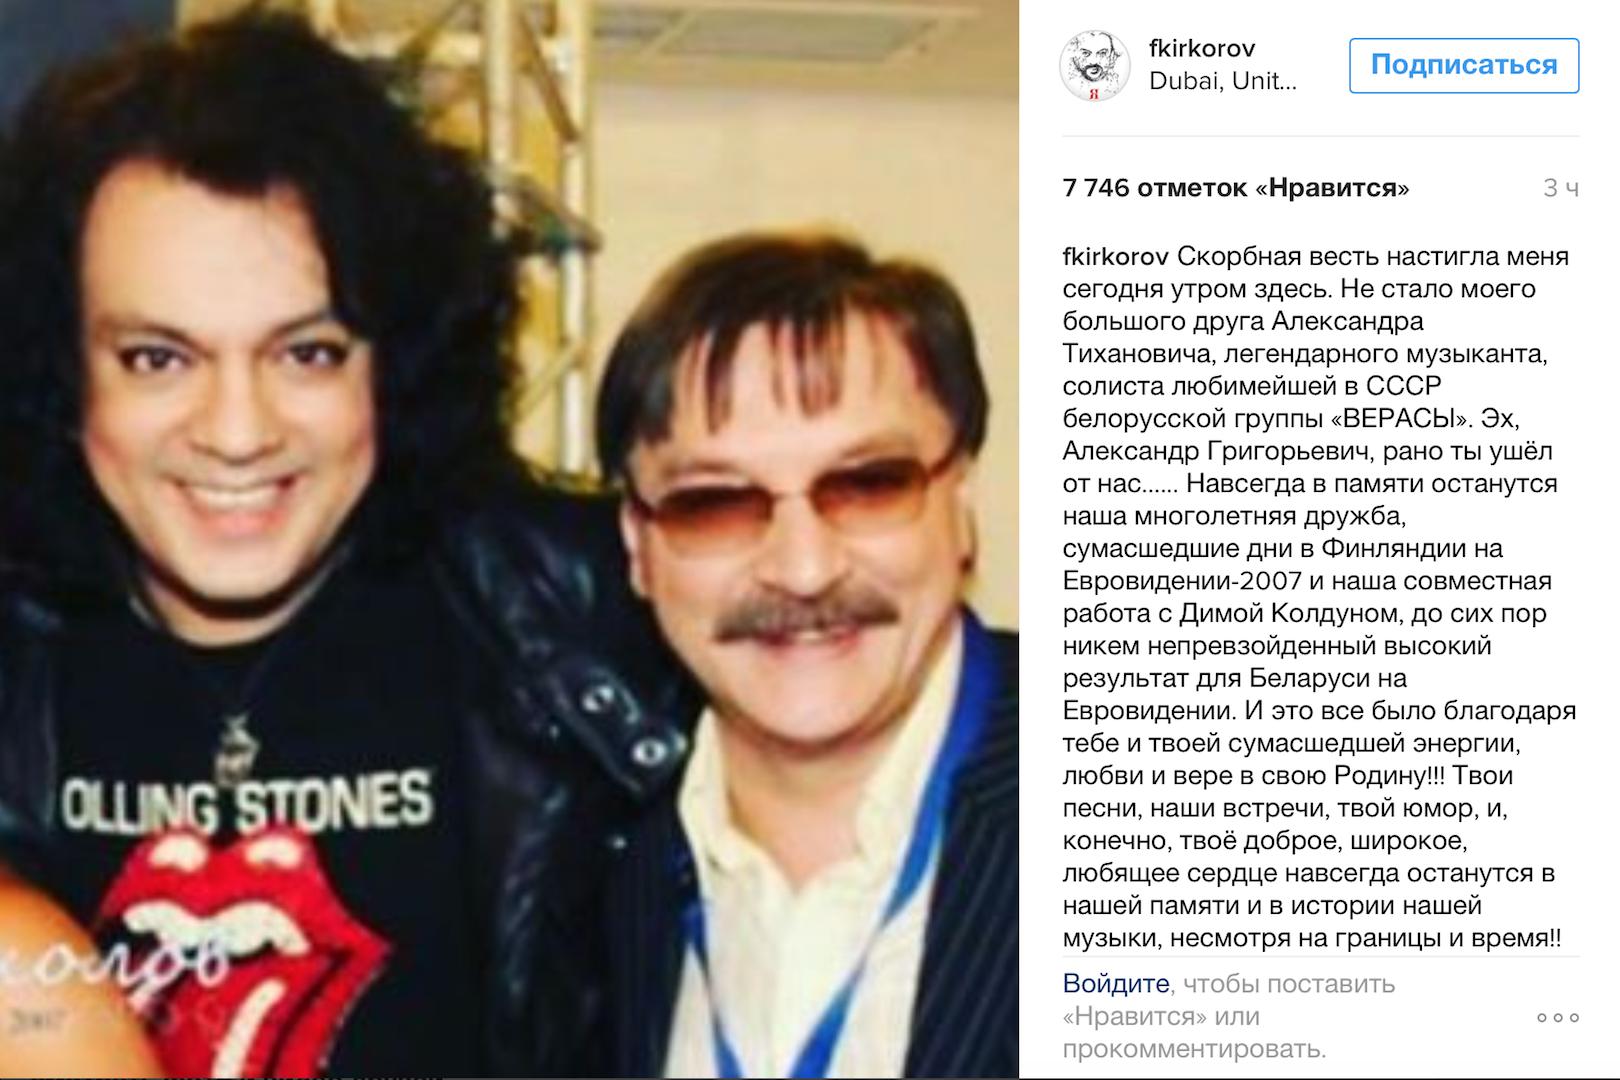 Филипп Киркоров выразил сожаления всвязи со гибелью Александра Тихоновича